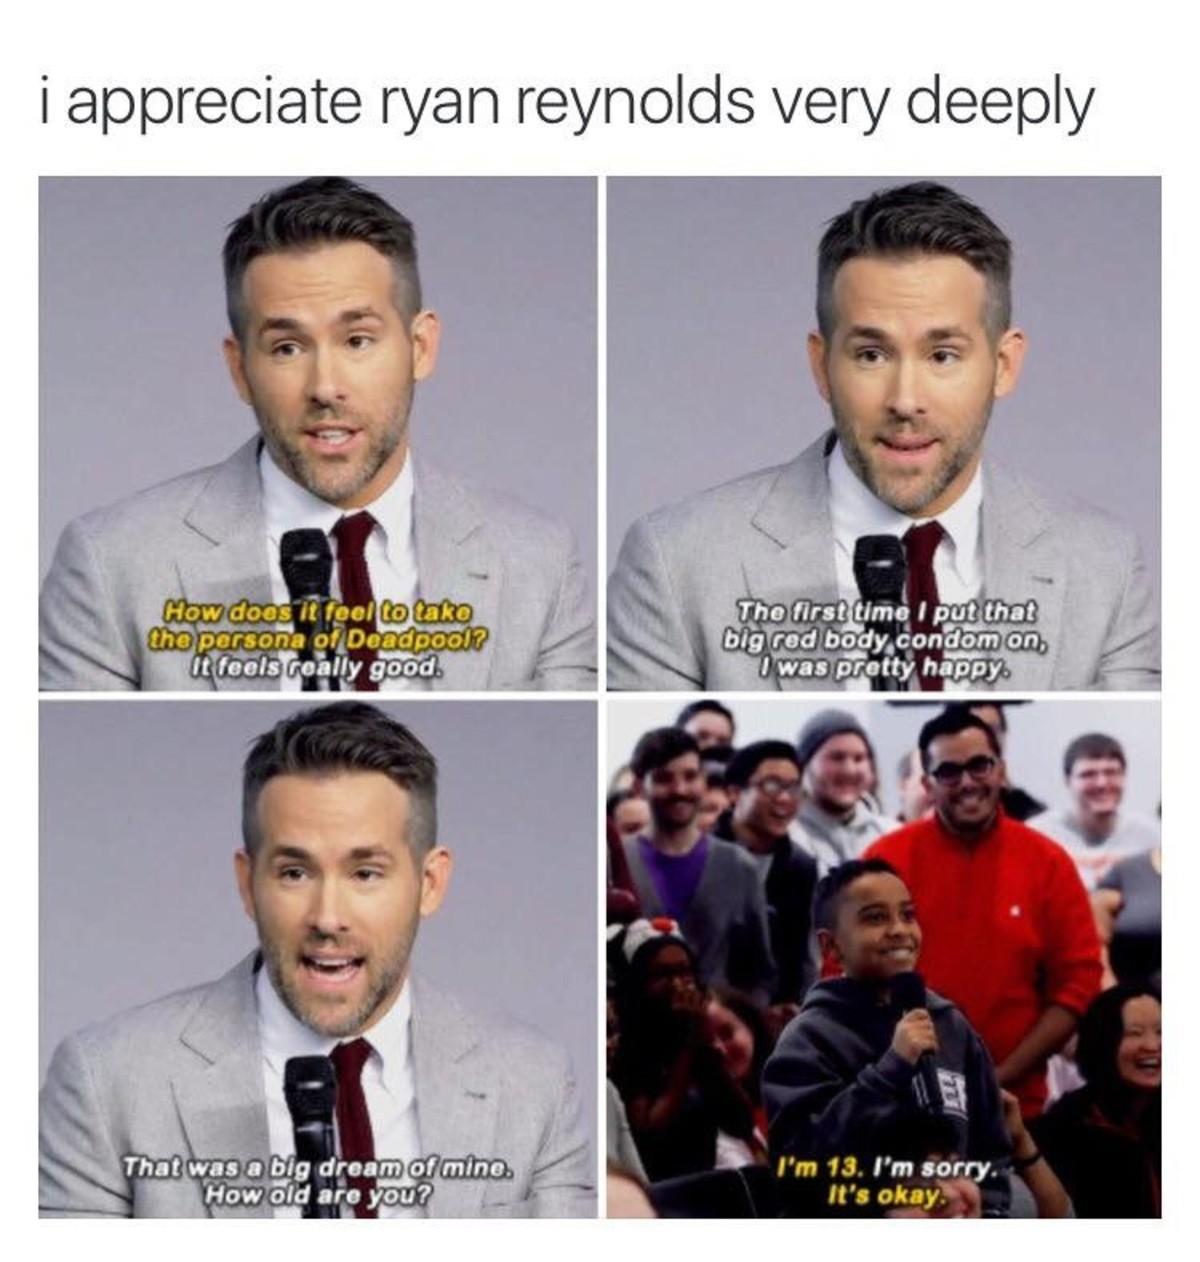 """Ryan Reynolds is a nice guy. . i appreciate / an very deeply rhe, twyst ttritt-.'/ bit; red oii? iiy, cnn' itifoi. iah:""""' I' laas preatty happy}? Ryan Reynolds is a nice guy i appreciate / an very deeply rhe twyst ttritt- '/ bit; red oii? iiy cnn' itifoi iah:""""' I' laas preatty happy}?"""